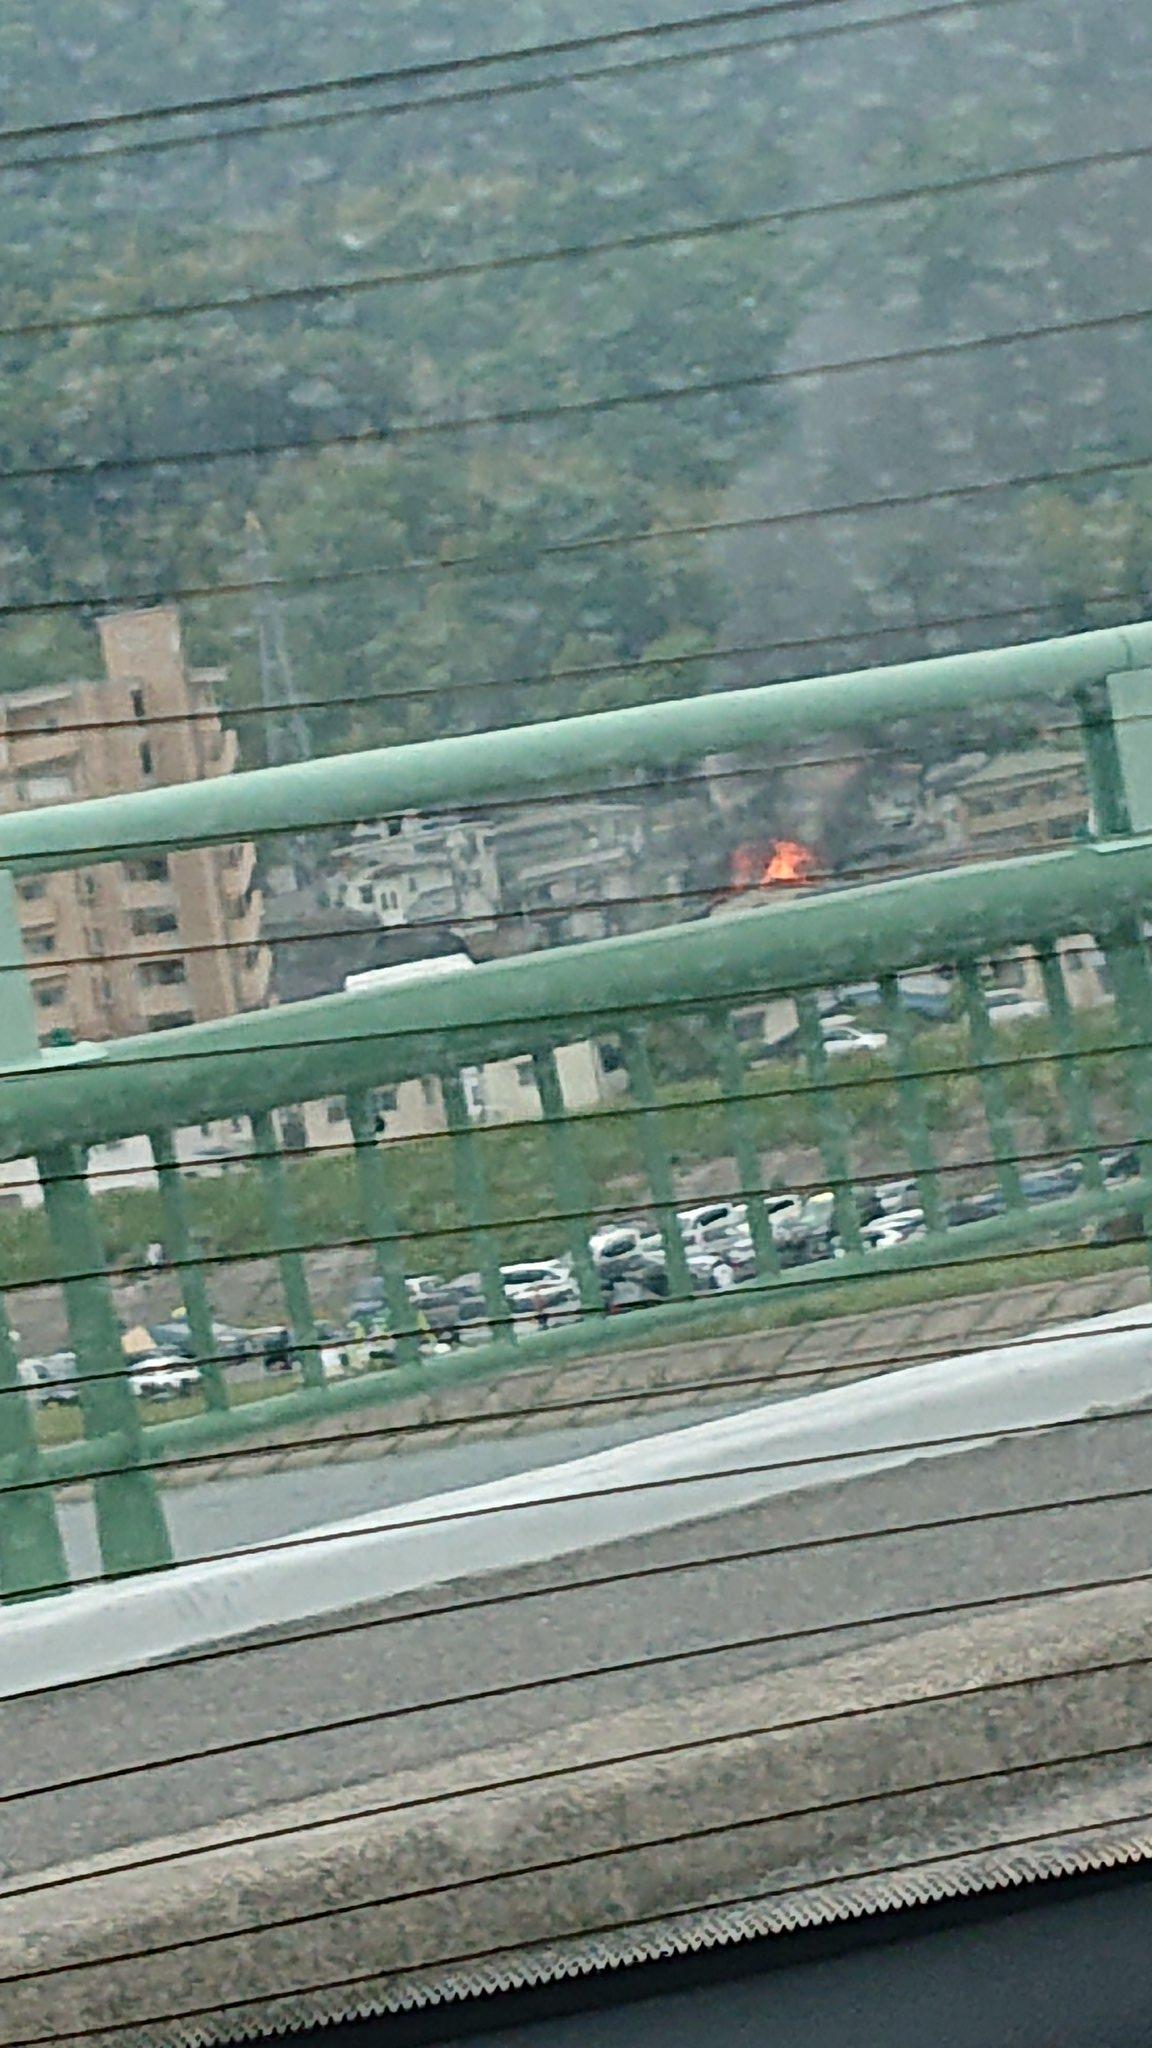 画像,火事やっっ消防車今の時点で9台は行くの見たぞ???まじか https://t.co/3i9s9JUr9D。